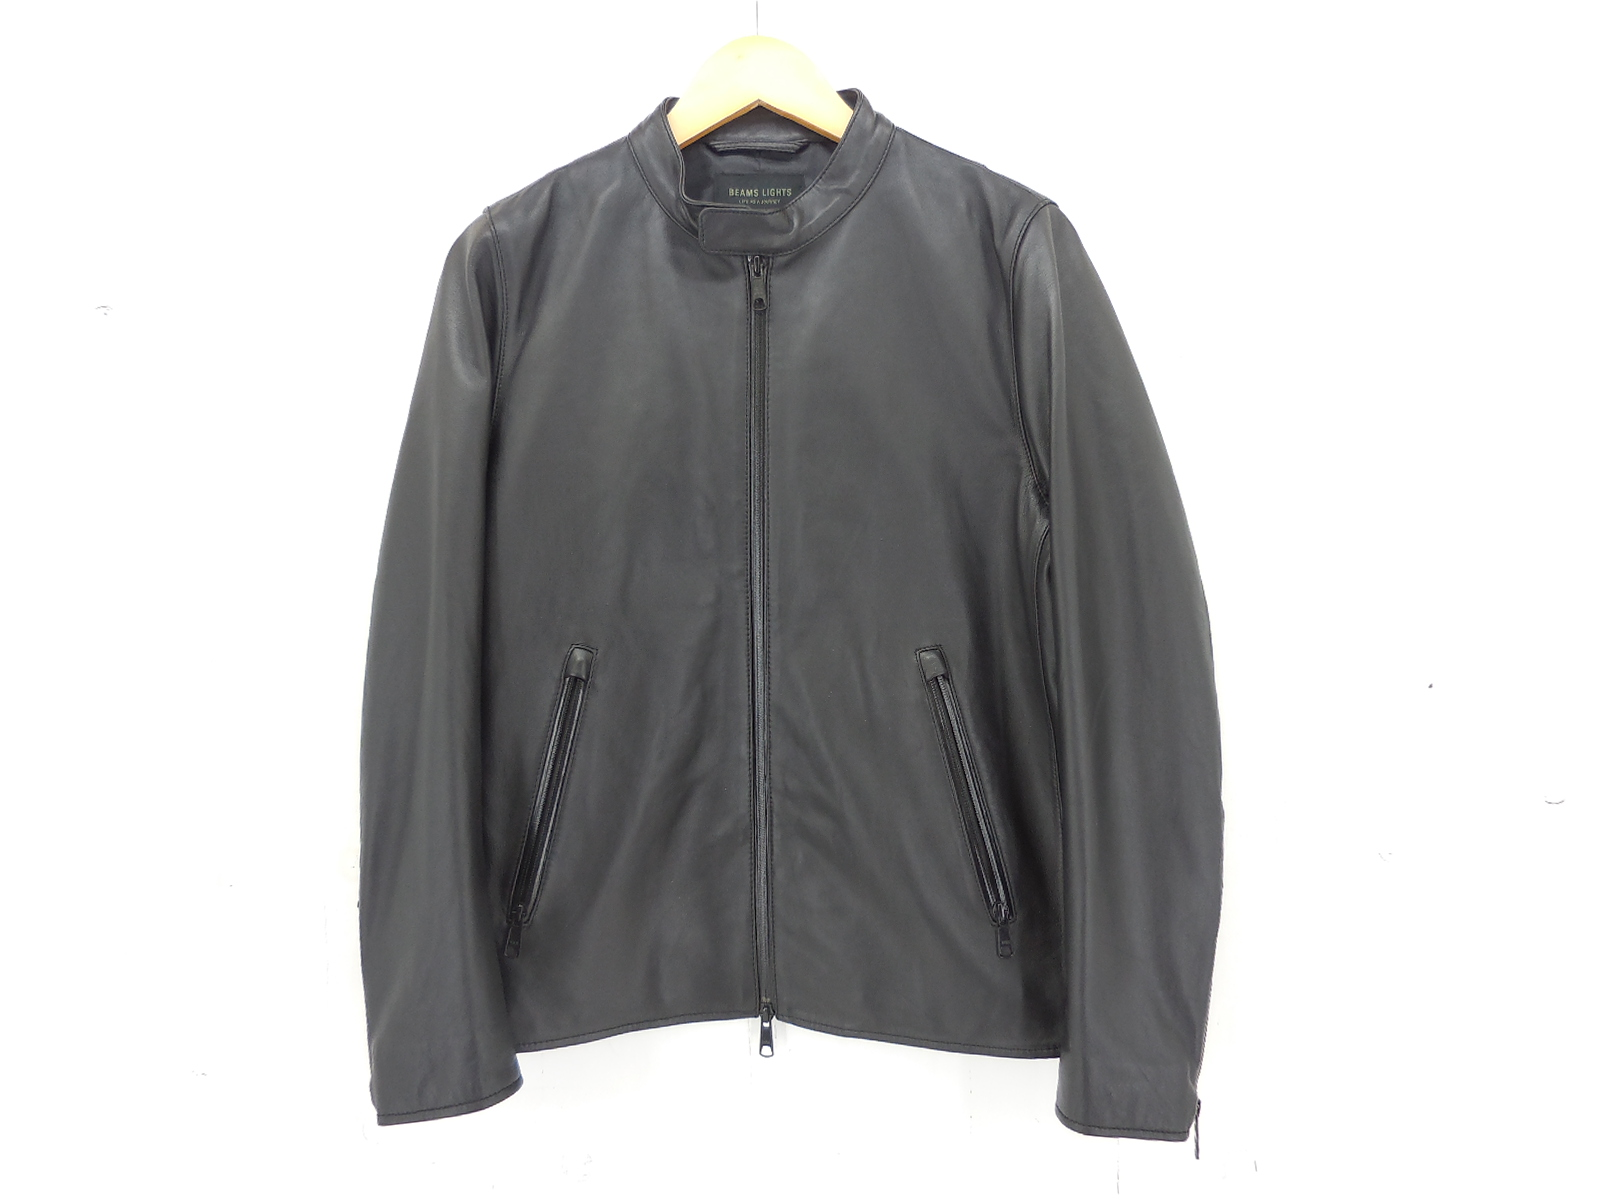 BEAMS LIGHTS 撥水レザー シングルライダースジャケット size:M ビームスライツ ブラック 羊革